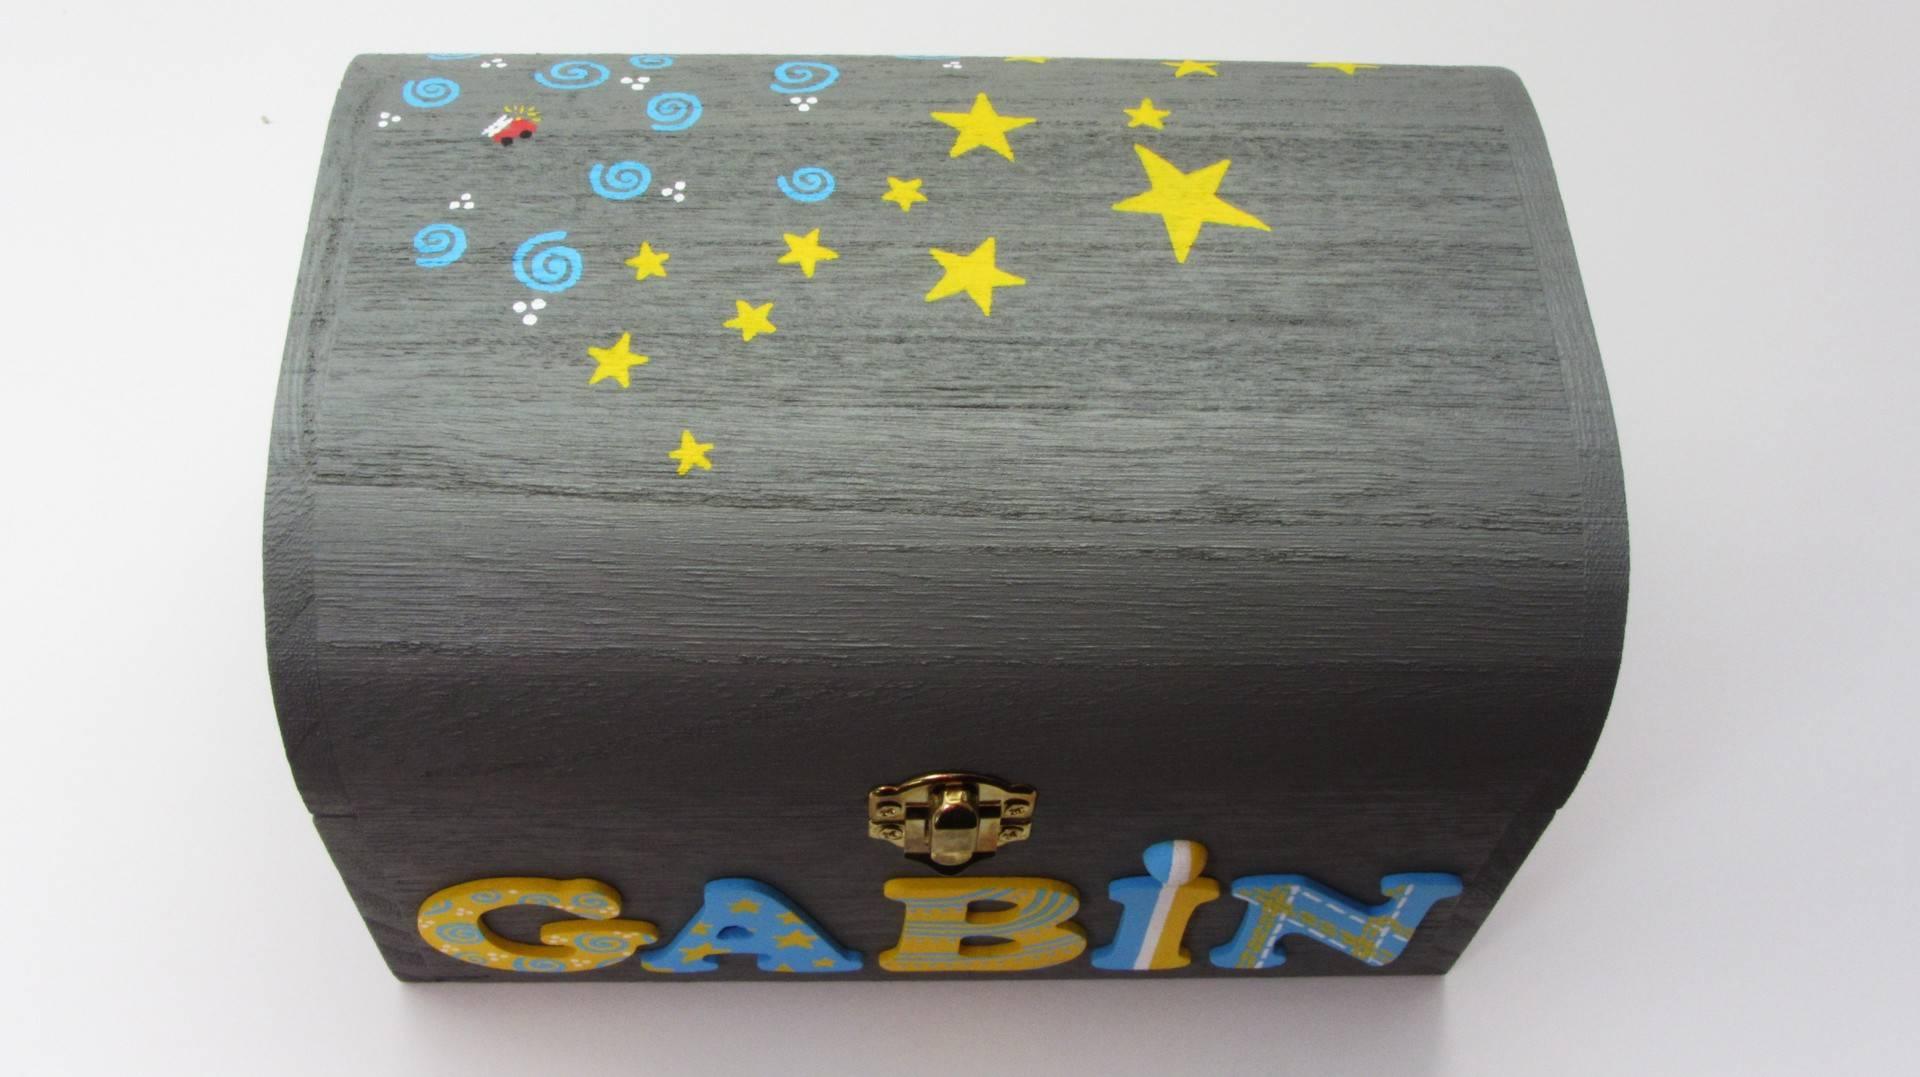 Coffret gris éléphant, prénom décoré Gabin, décoration petits motifs